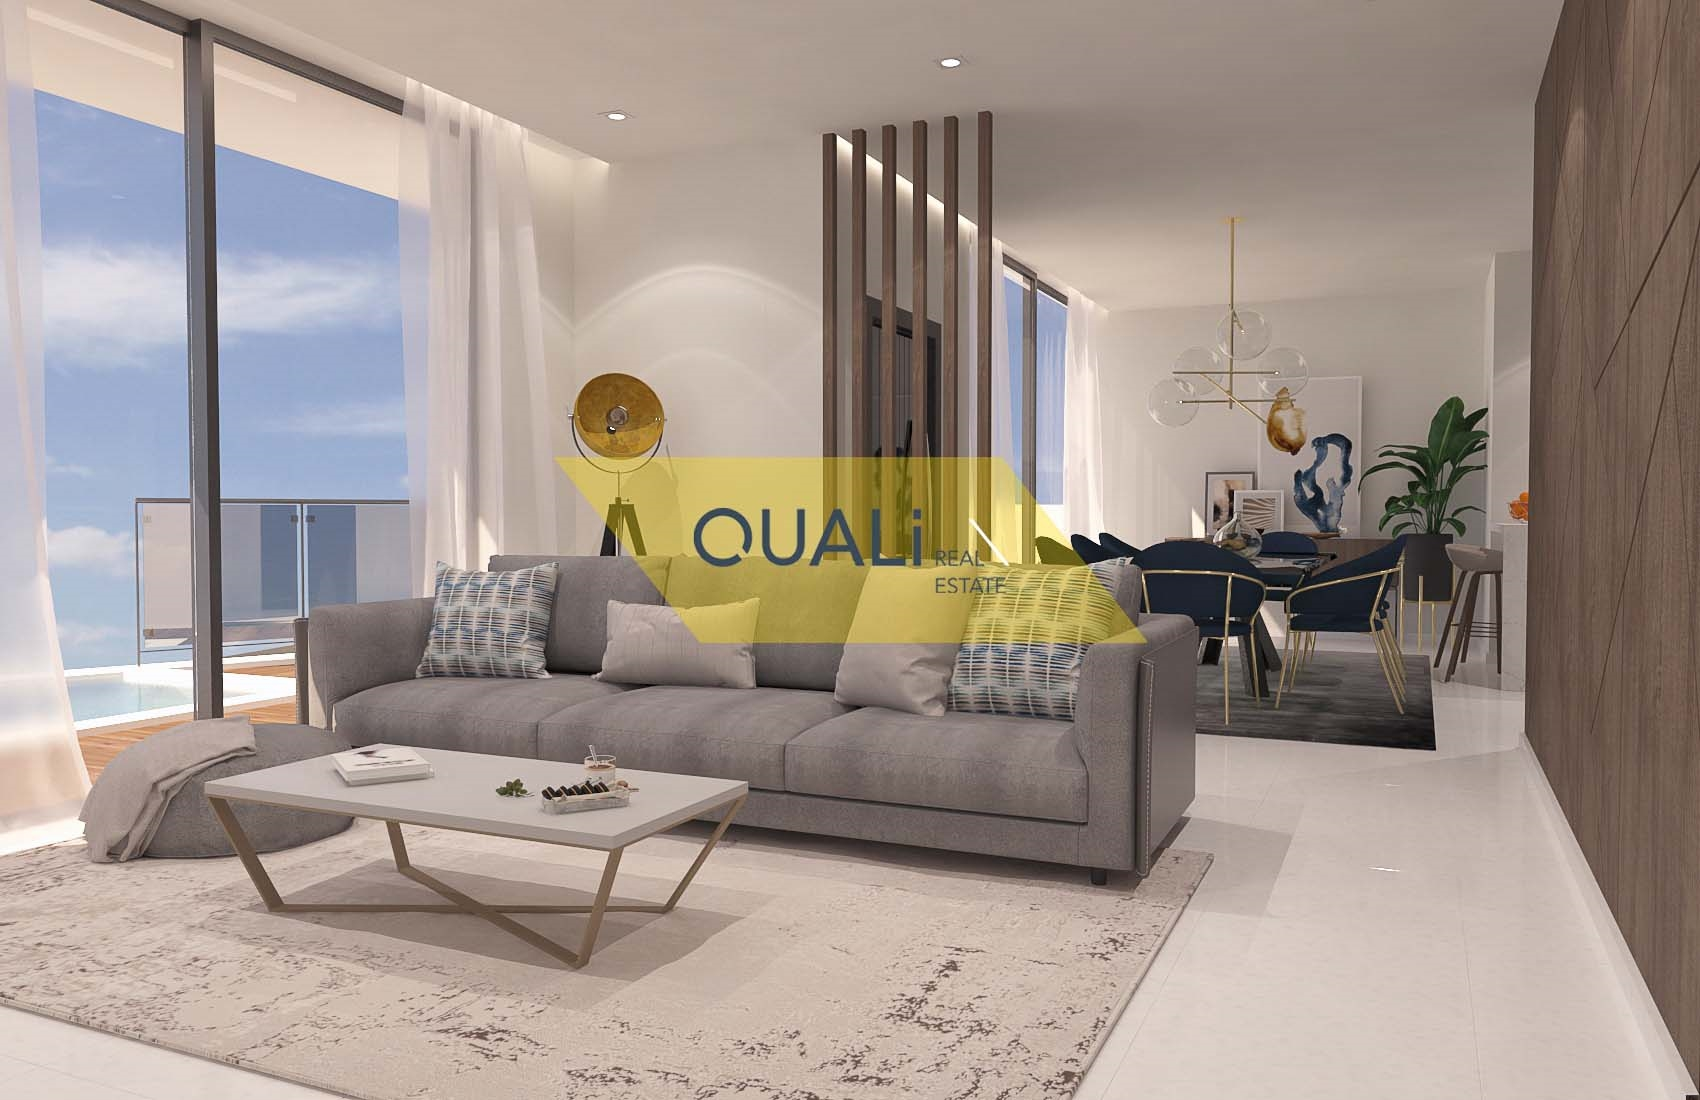 Casa con 3 camere da letto a Fajã da Ovelha - Madeira - € 410.000,00